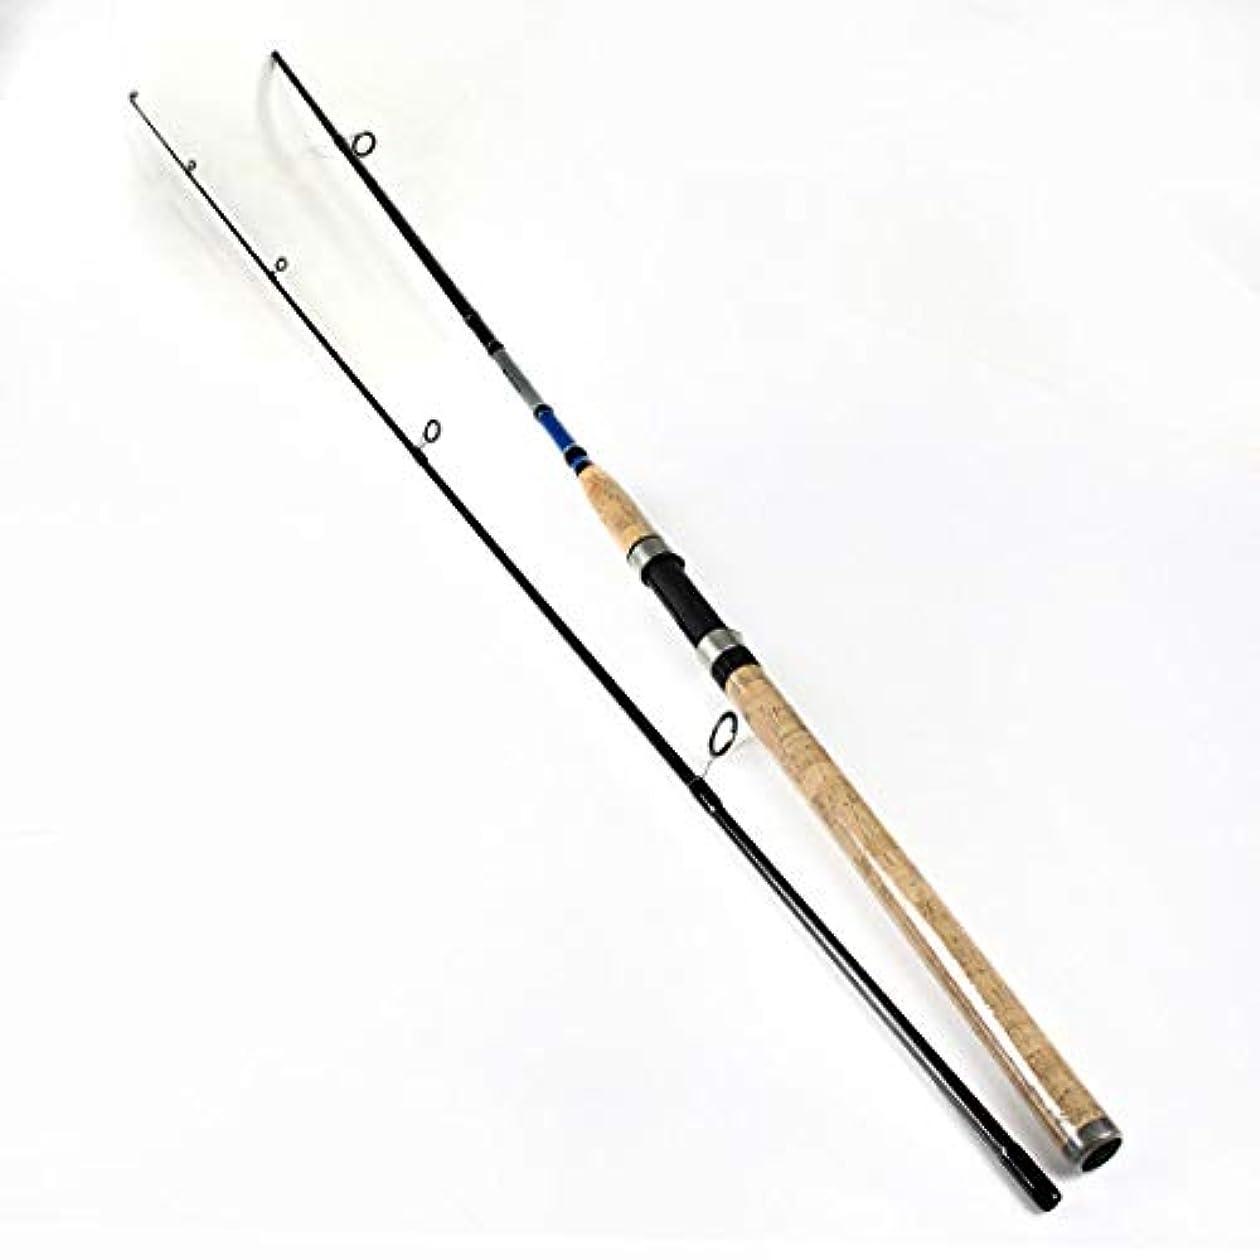 汗表示リーフレットLonglong 釣り竿 釣り用品 炭素 釣り具 投げ竿 コンパクトロッド軽量 海釣り 船竿 堤防釣り 釣りセット カーボン釣竿 (サイズ : 2.1)